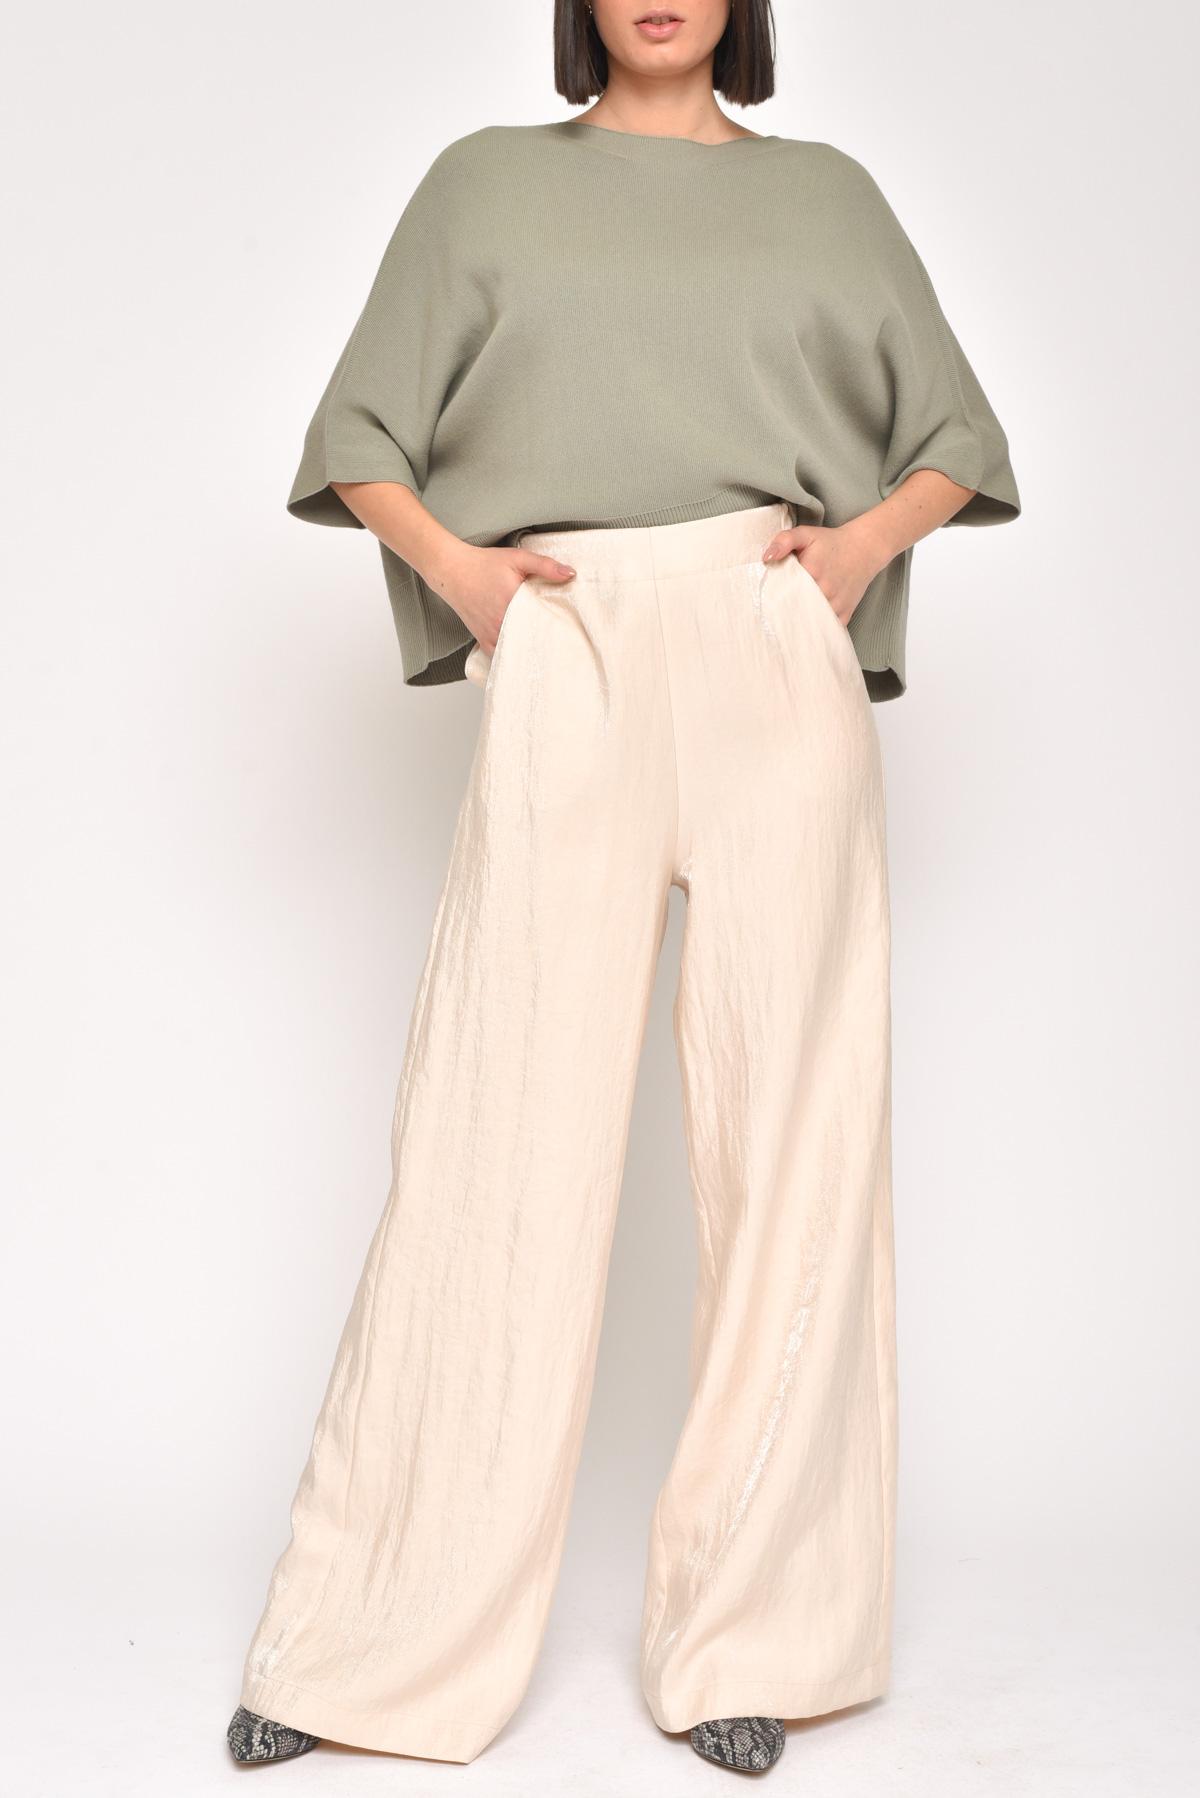 PANTALONE A PALAZZO EFFETTO CANGIANTE for women - CREAM - Paquito Pronto Moda Shop Online